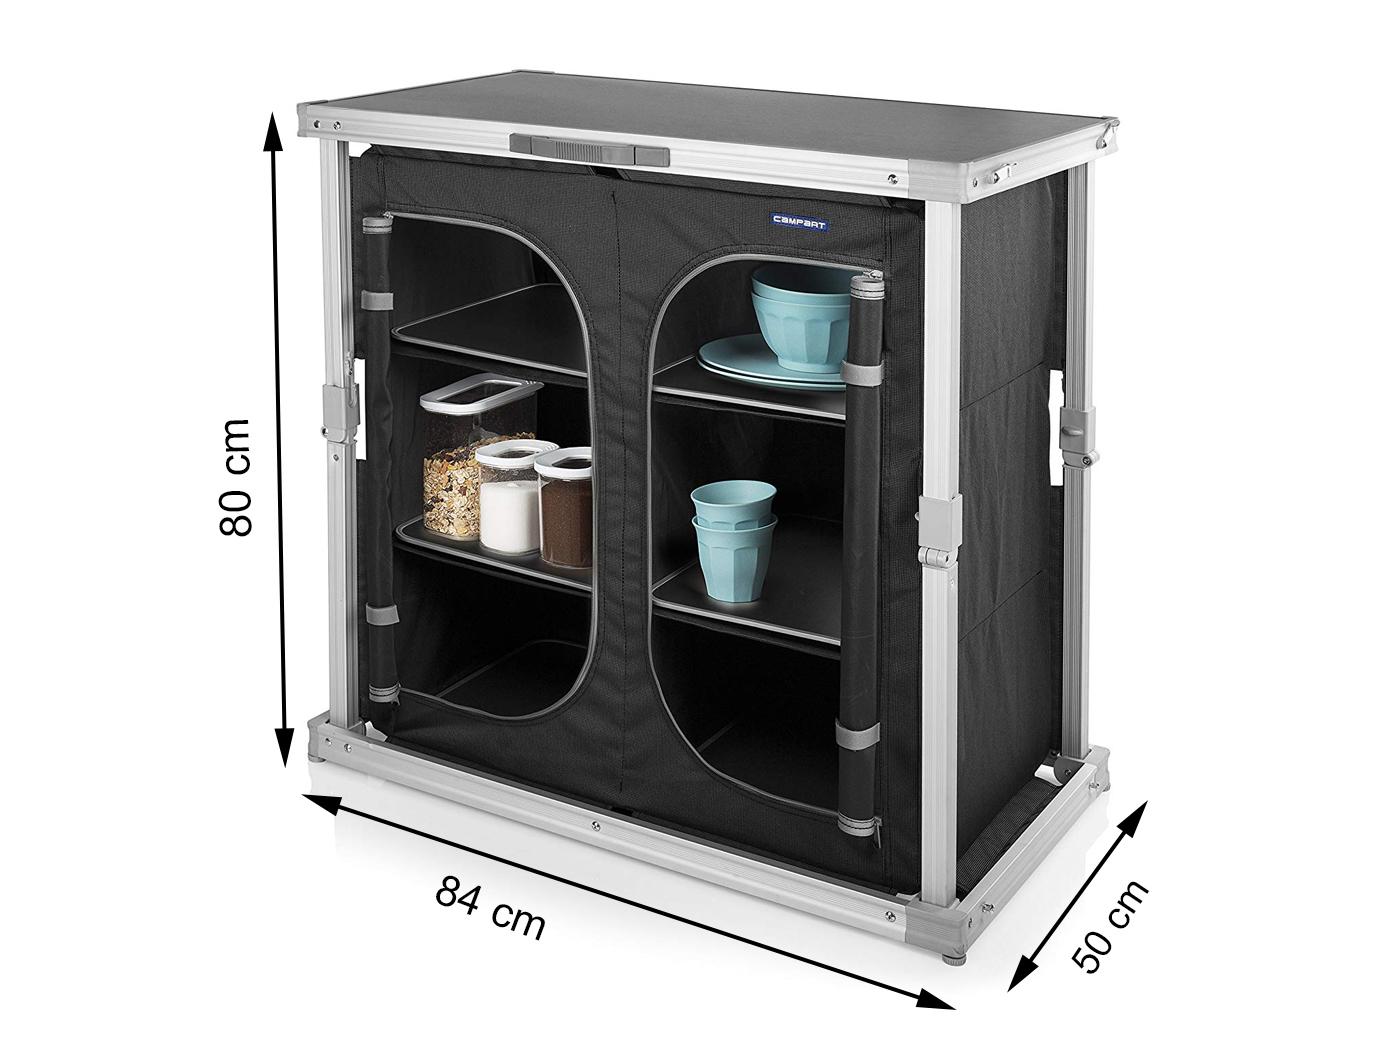 Stabile mobile Campingküche, Campingmöbel mit mit mit Klappmechanismus und 6 Staufächern 49a46f